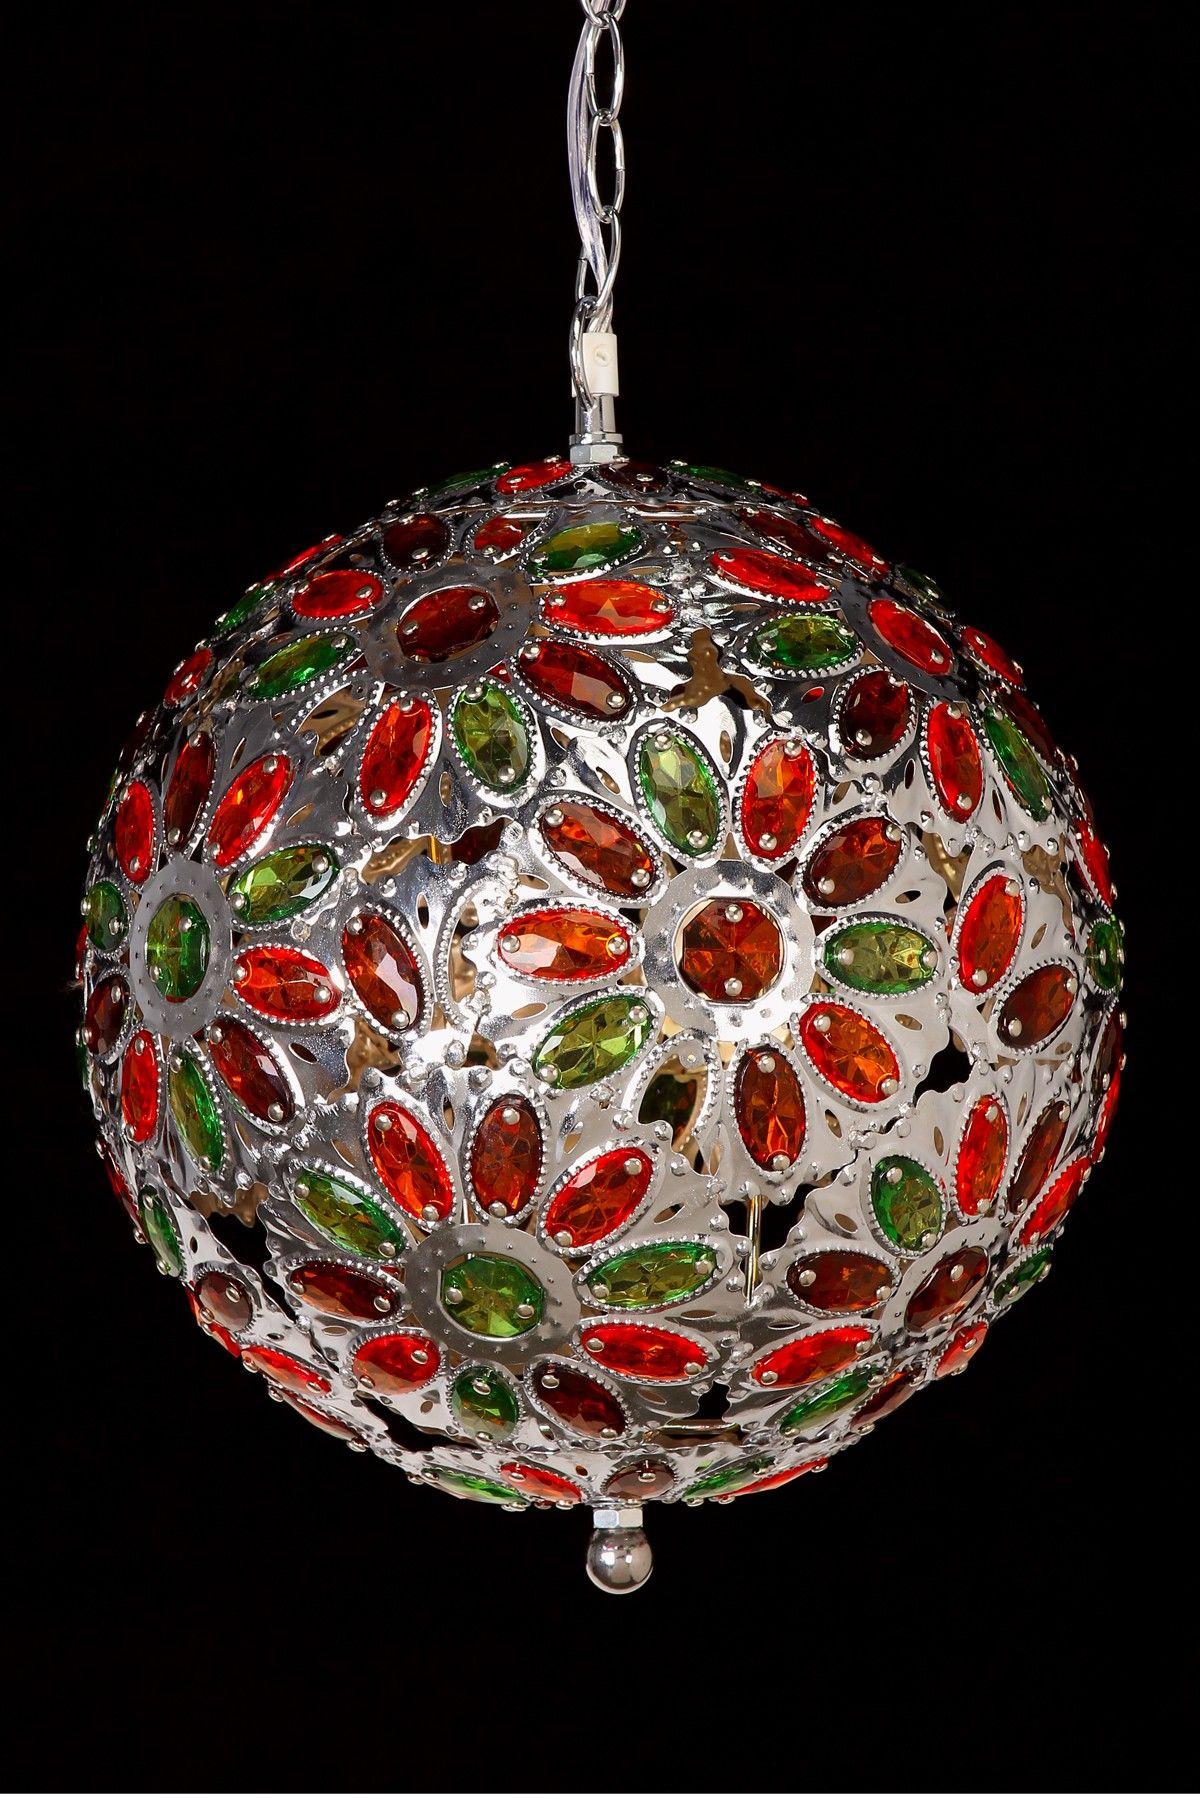 Crystal Ball Chandelier   Favorite lighting, Christmas bulbs